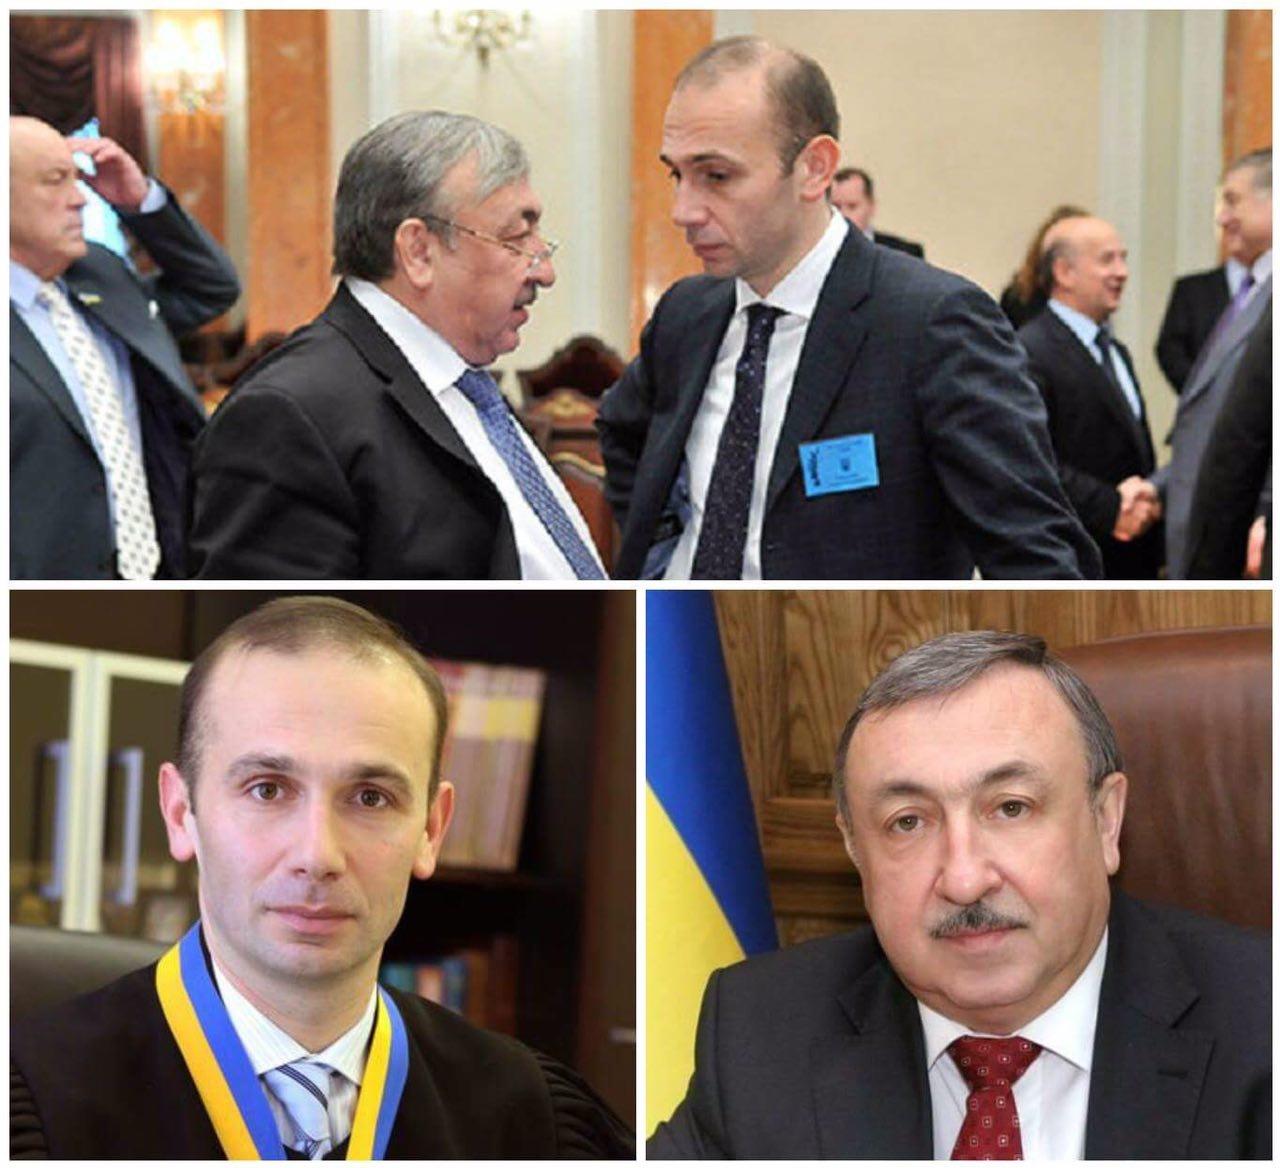 Судді ВГСУ Татьков та Ємельянов (колаж з оф. сторінки Facebook Юрія Луценко)